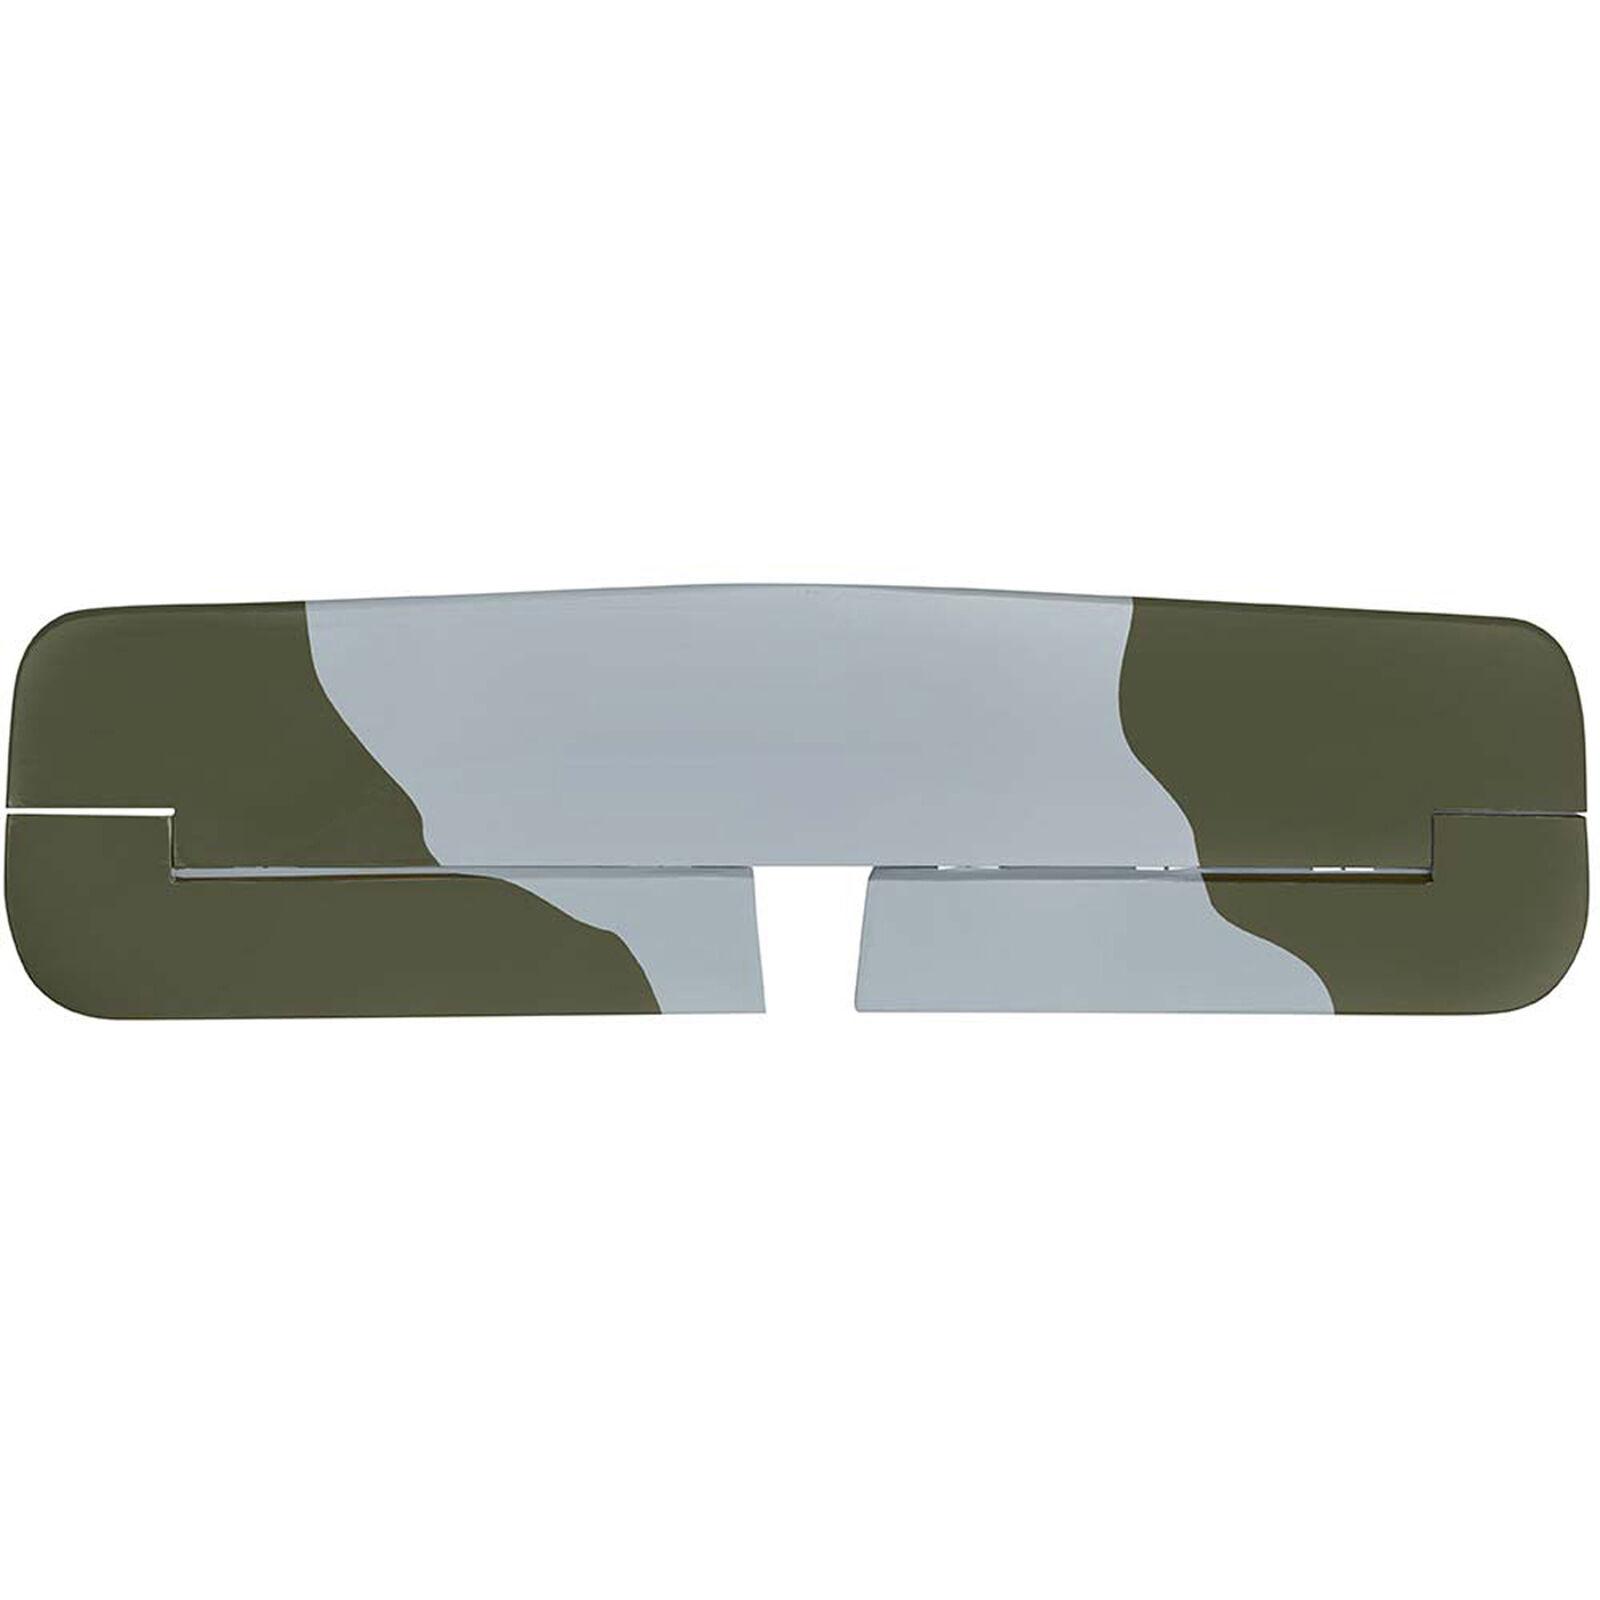 Horizontal Stabilizer FW 190 GP EP ARF